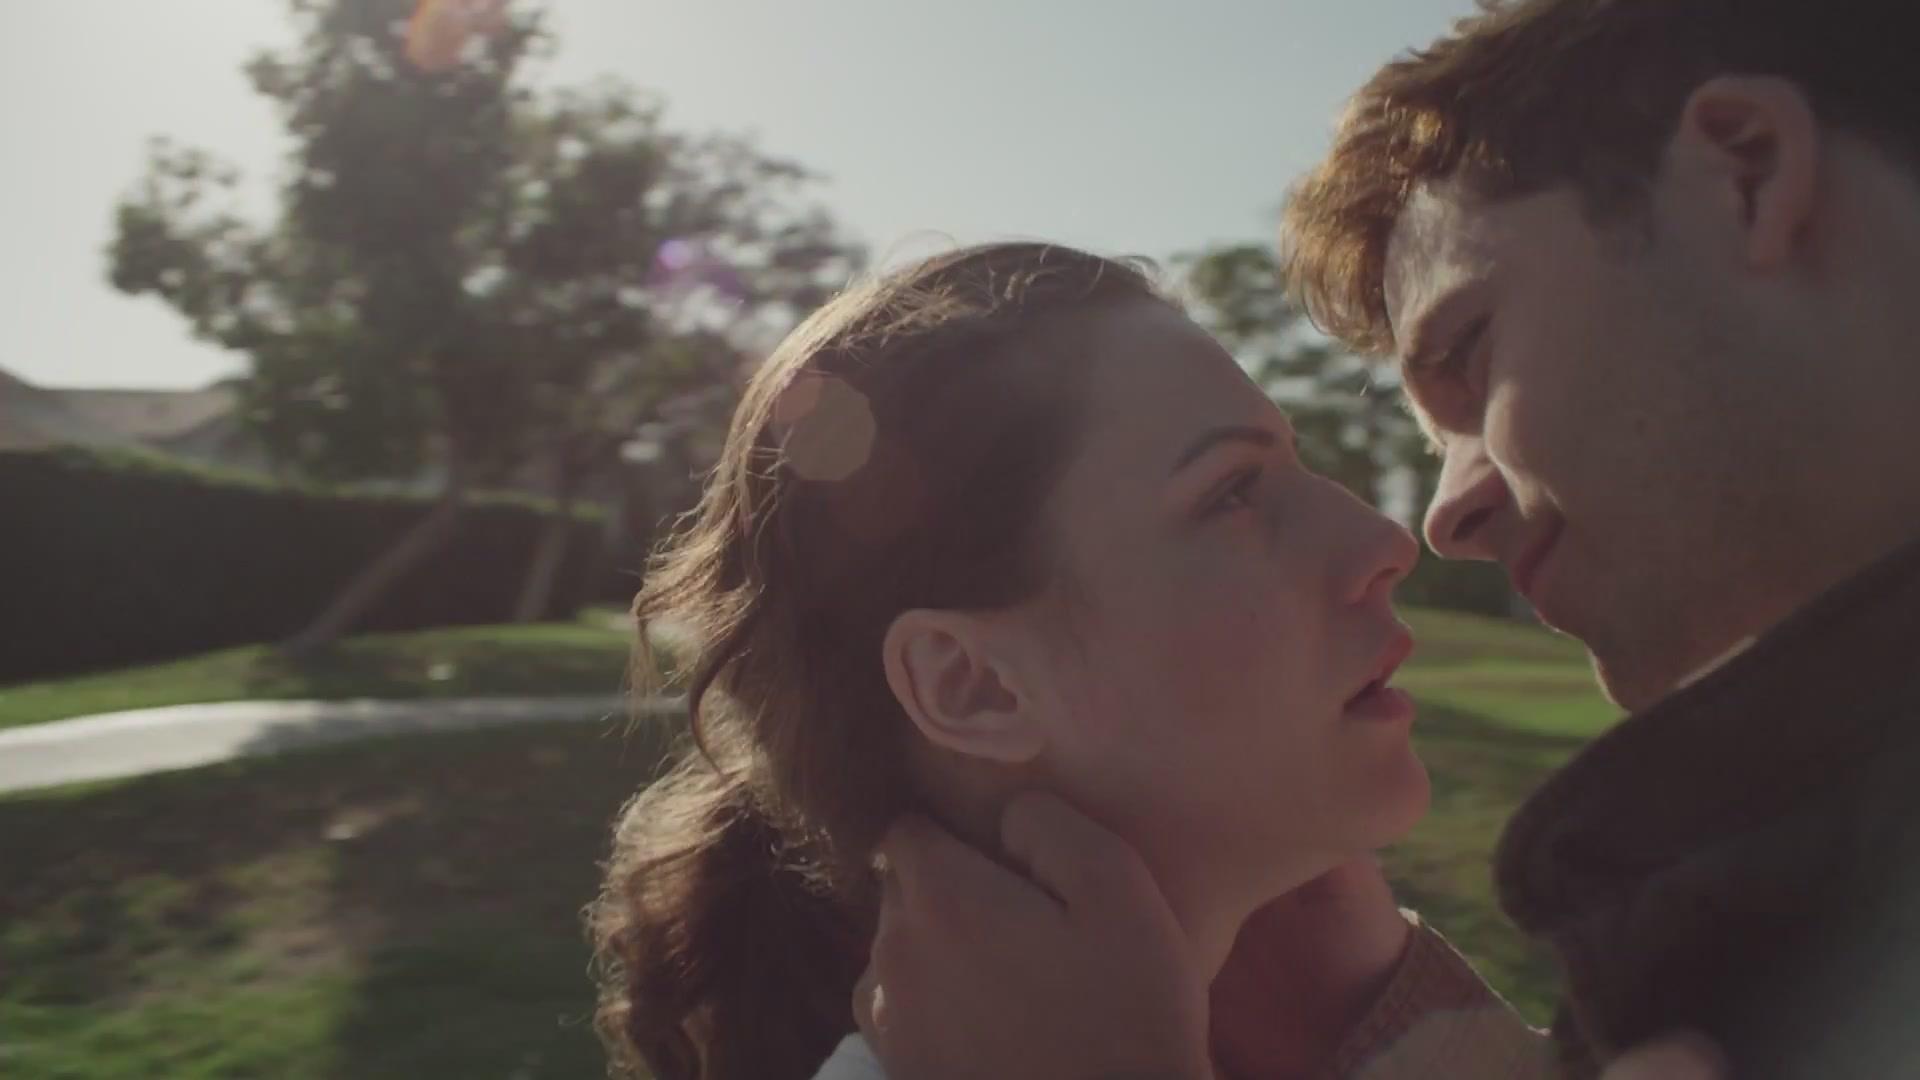 Erin Sanders in Music Video: Memories